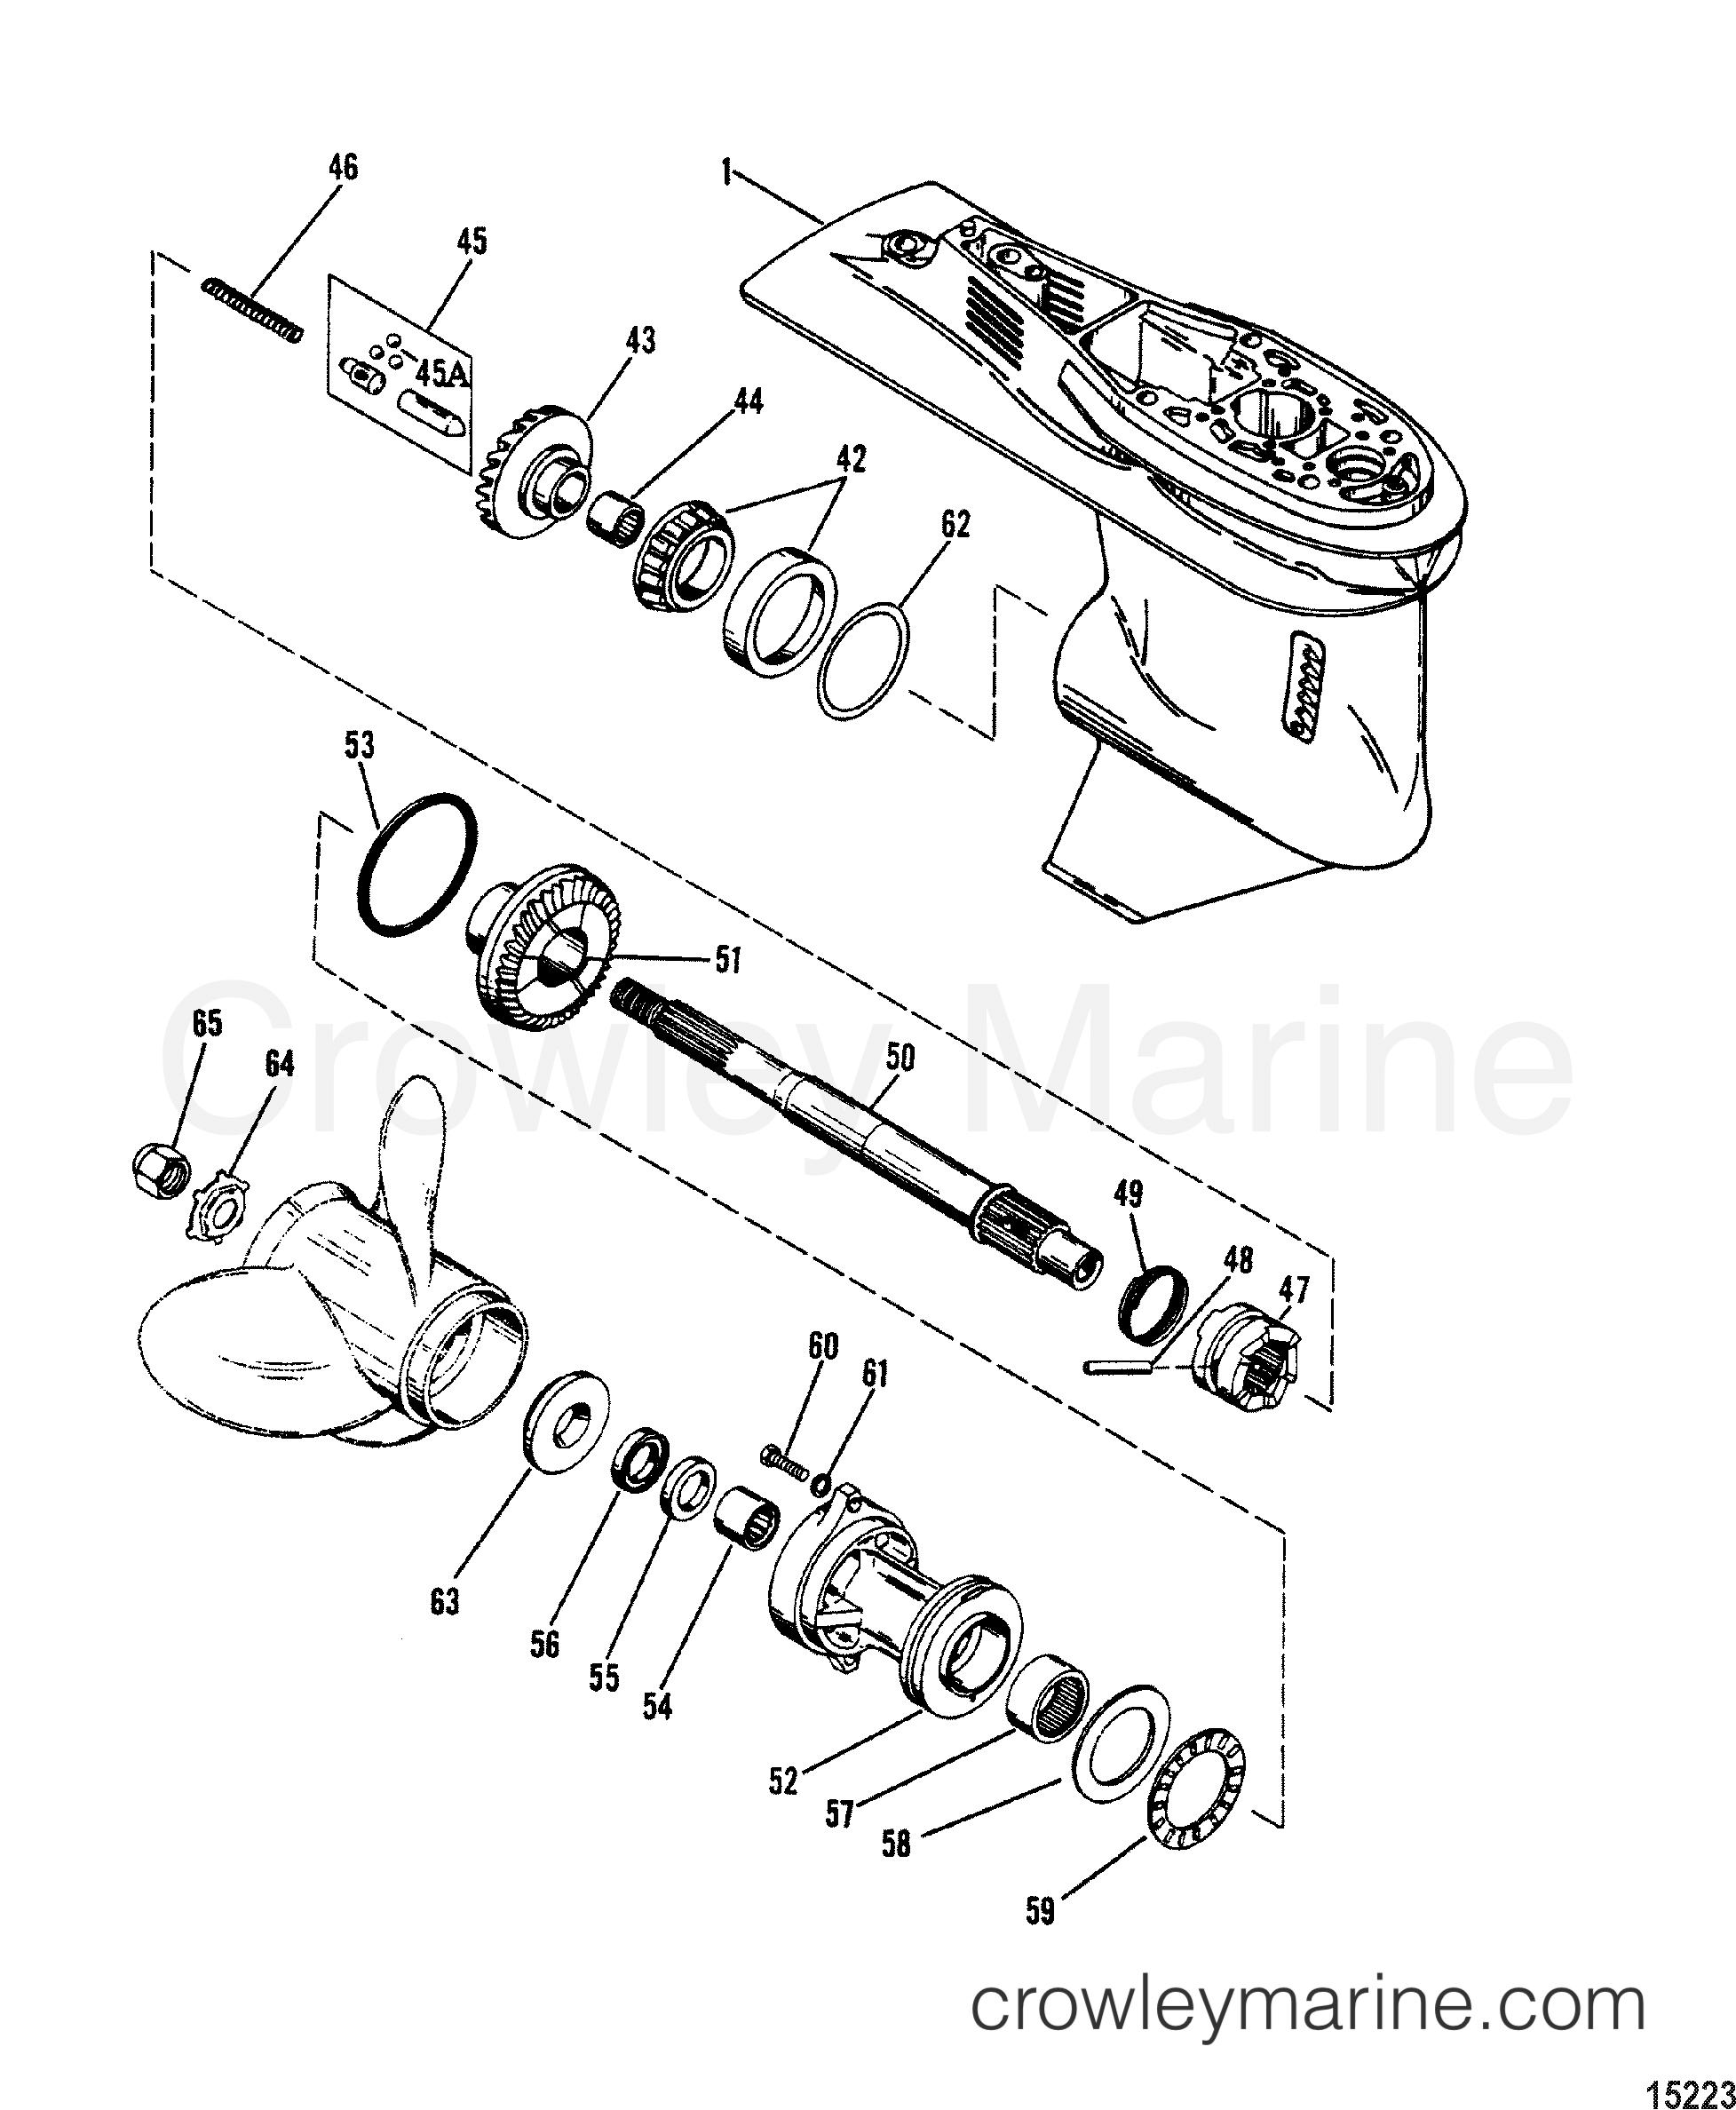 gear housing propeller shaft 1990 mariner outboard 90. Black Bedroom Furniture Sets. Home Design Ideas